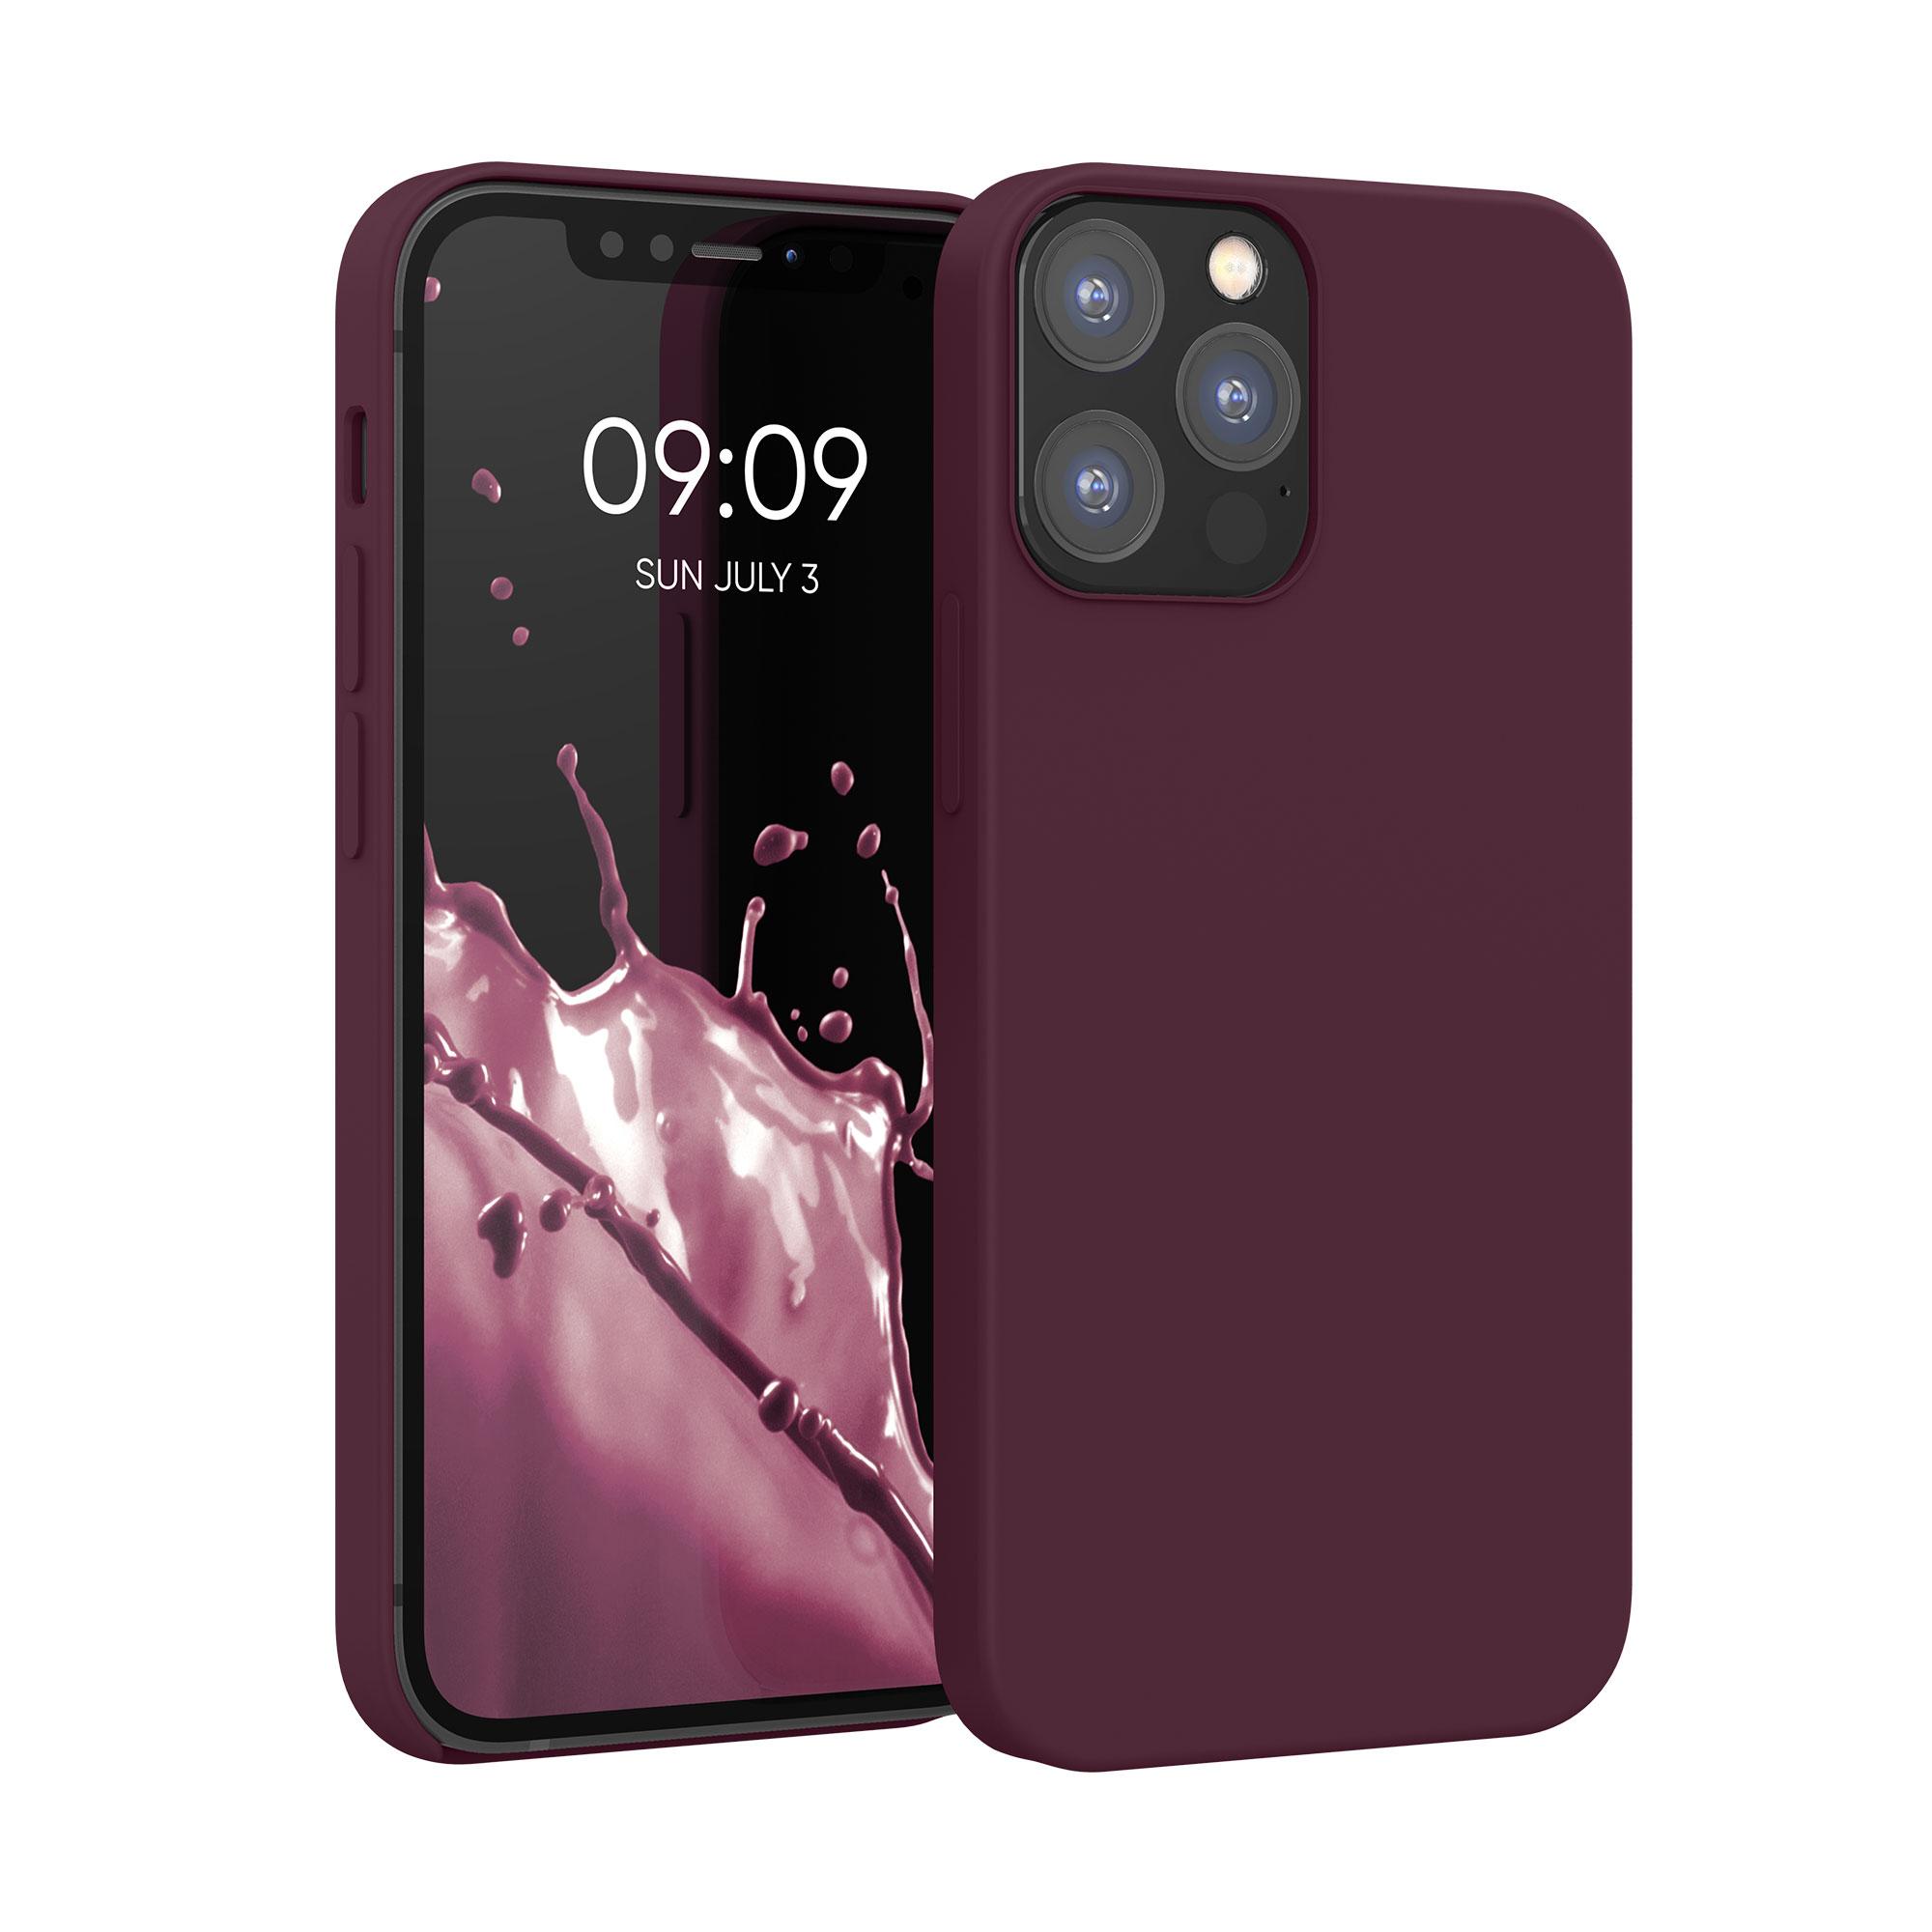 Kvalitní silikonové TPU pouzdro pro Apple iPhone 12 / 12 Pro - Tawny Red